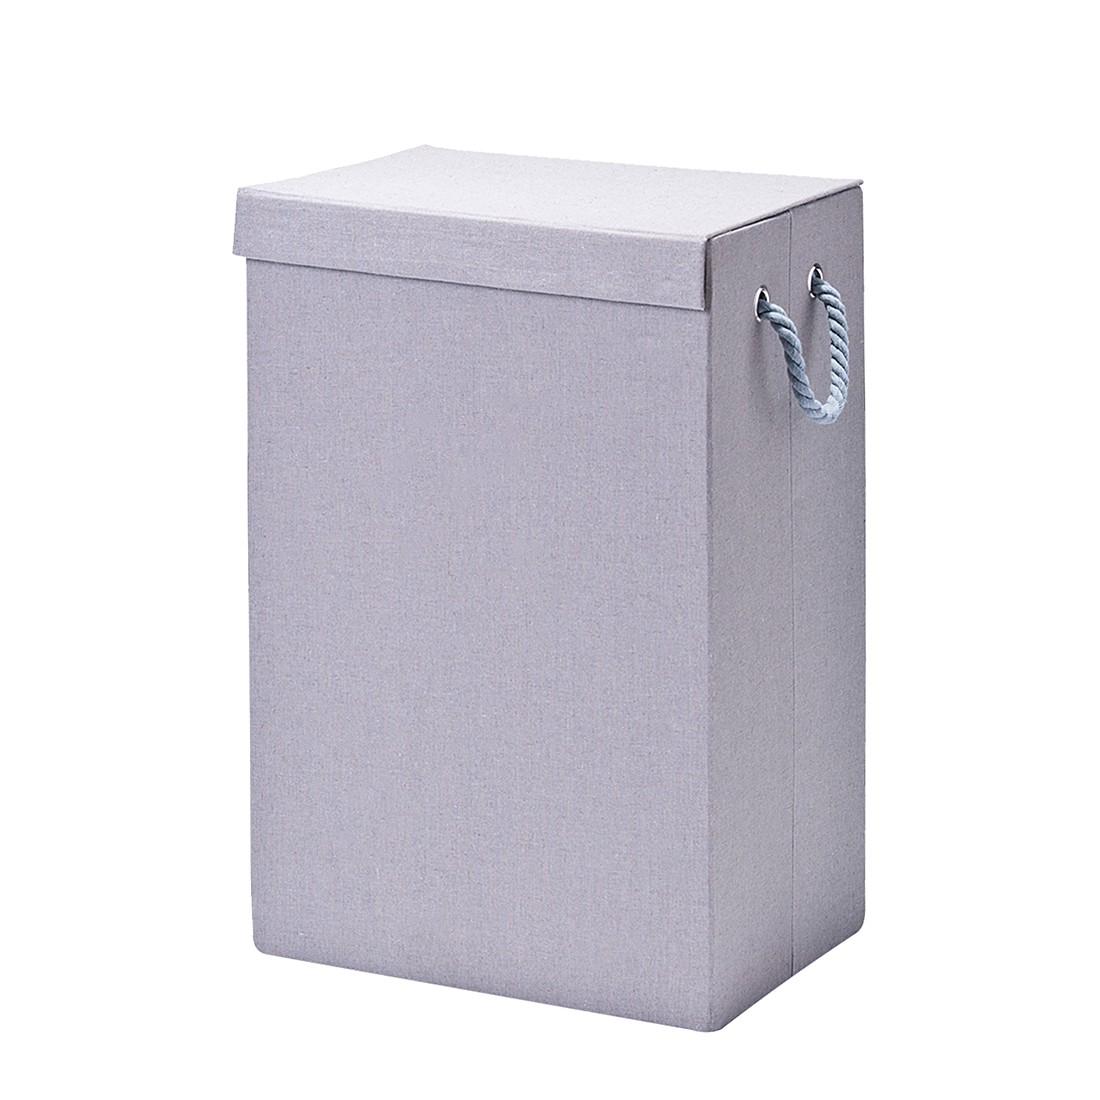 Wäschesammler - Grau, faltbar, Zeller